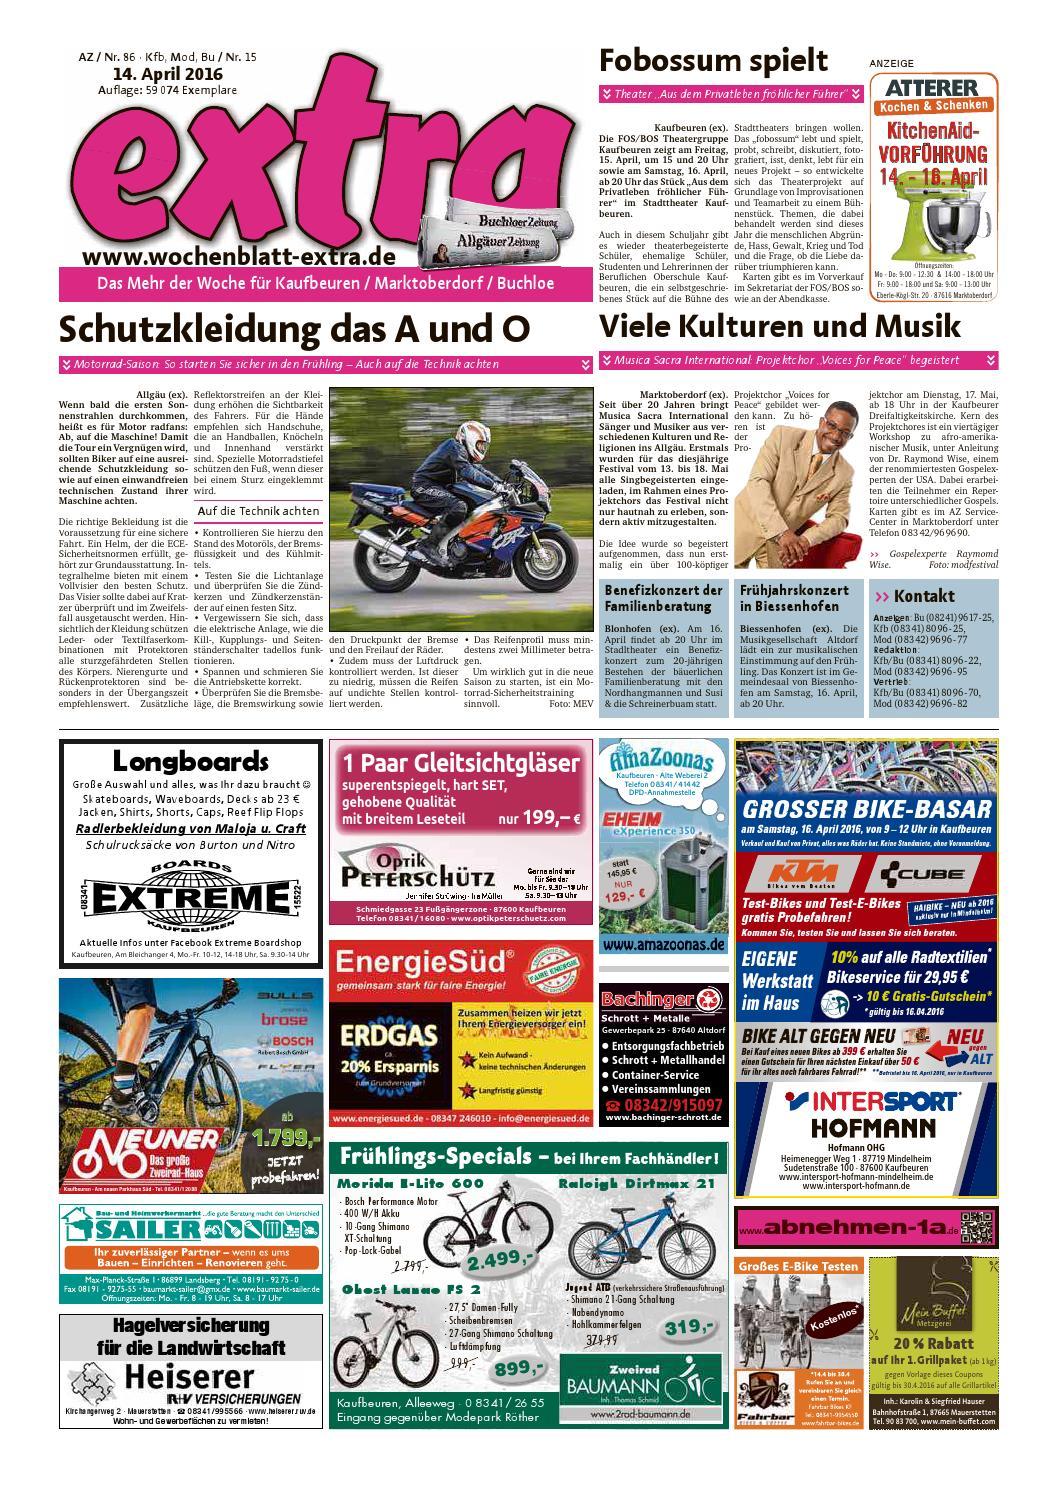 Extra Kaufbeuren Vom Donnerstag, 14. April By Rta.design GmbH   Issuu